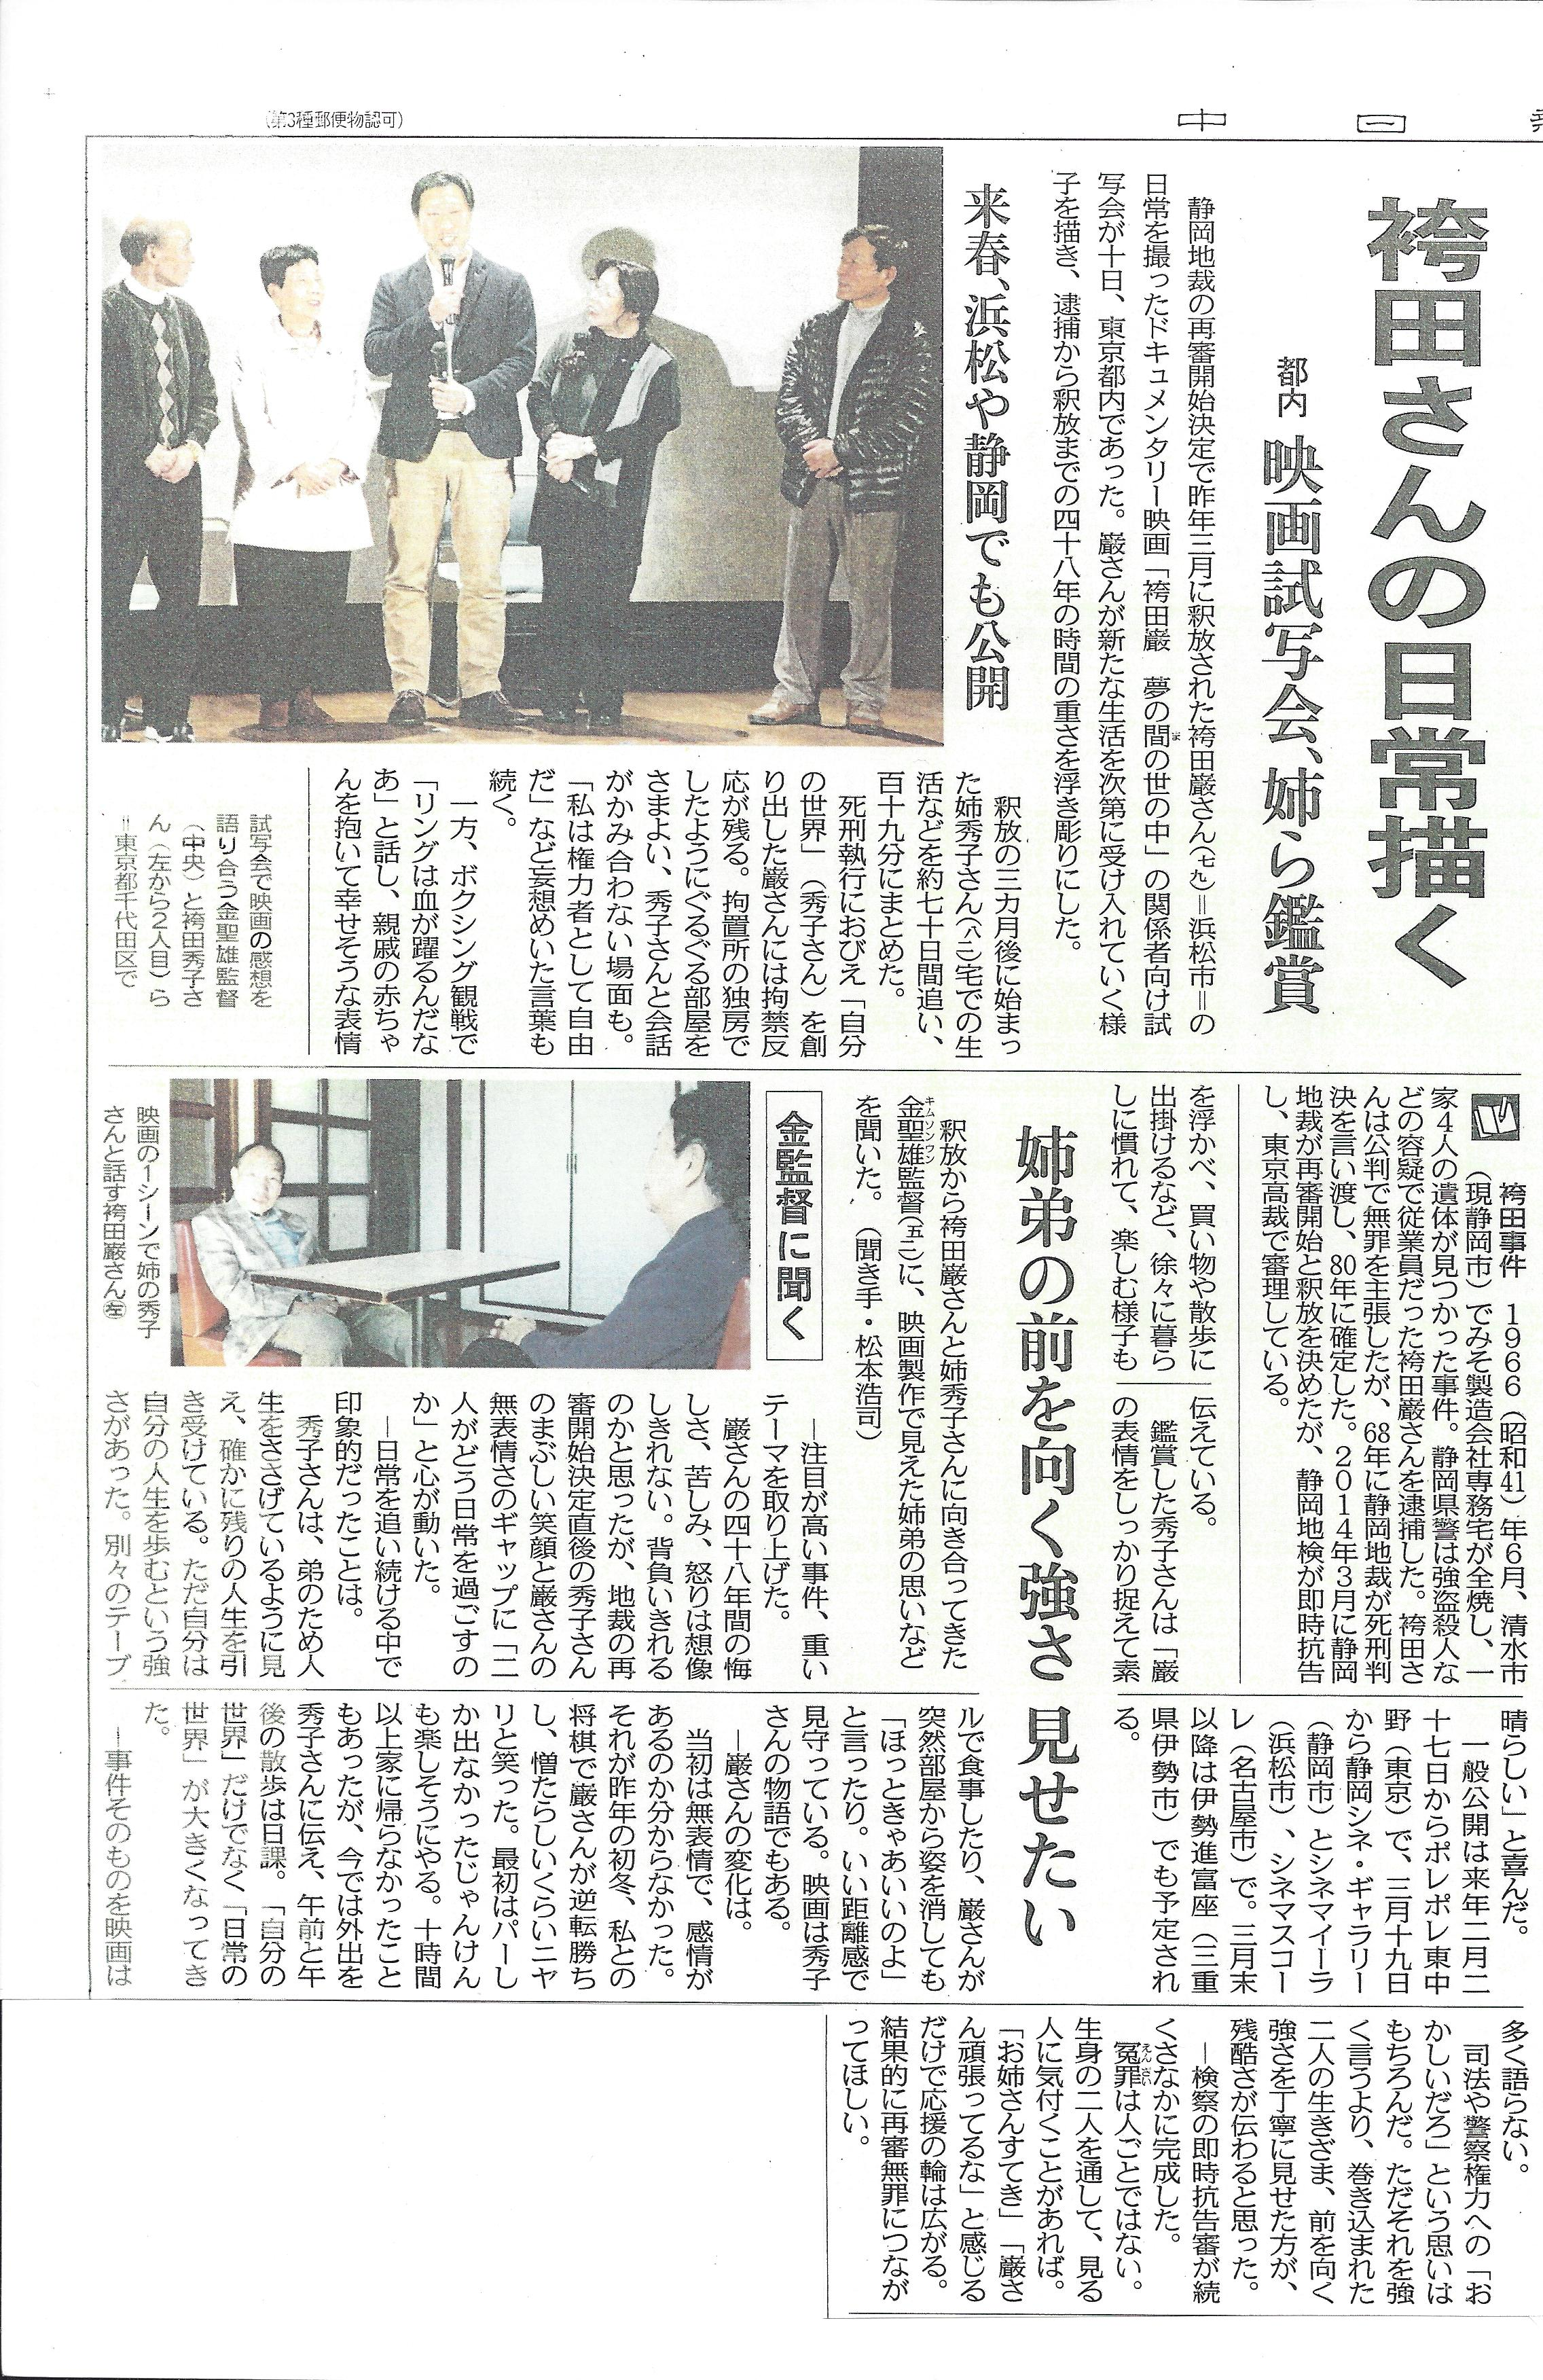 2015.12.11中日新聞